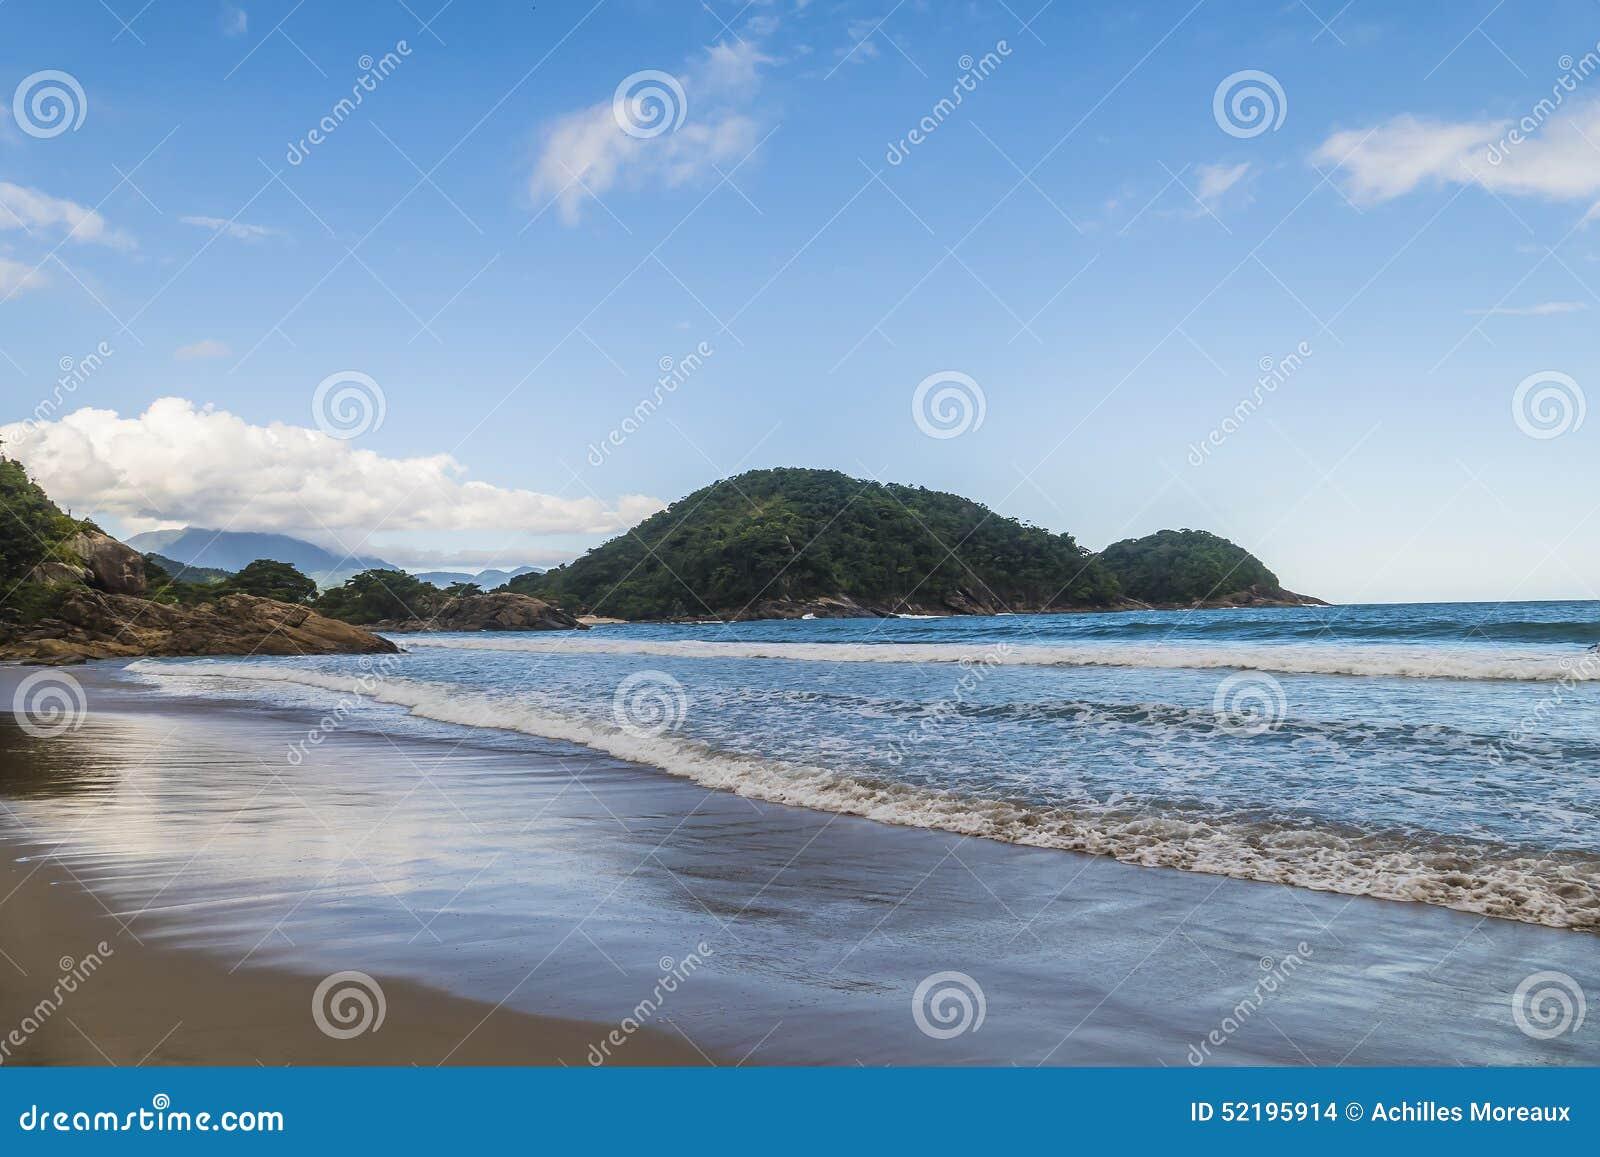 Playa de Cachadaco en el Brasil